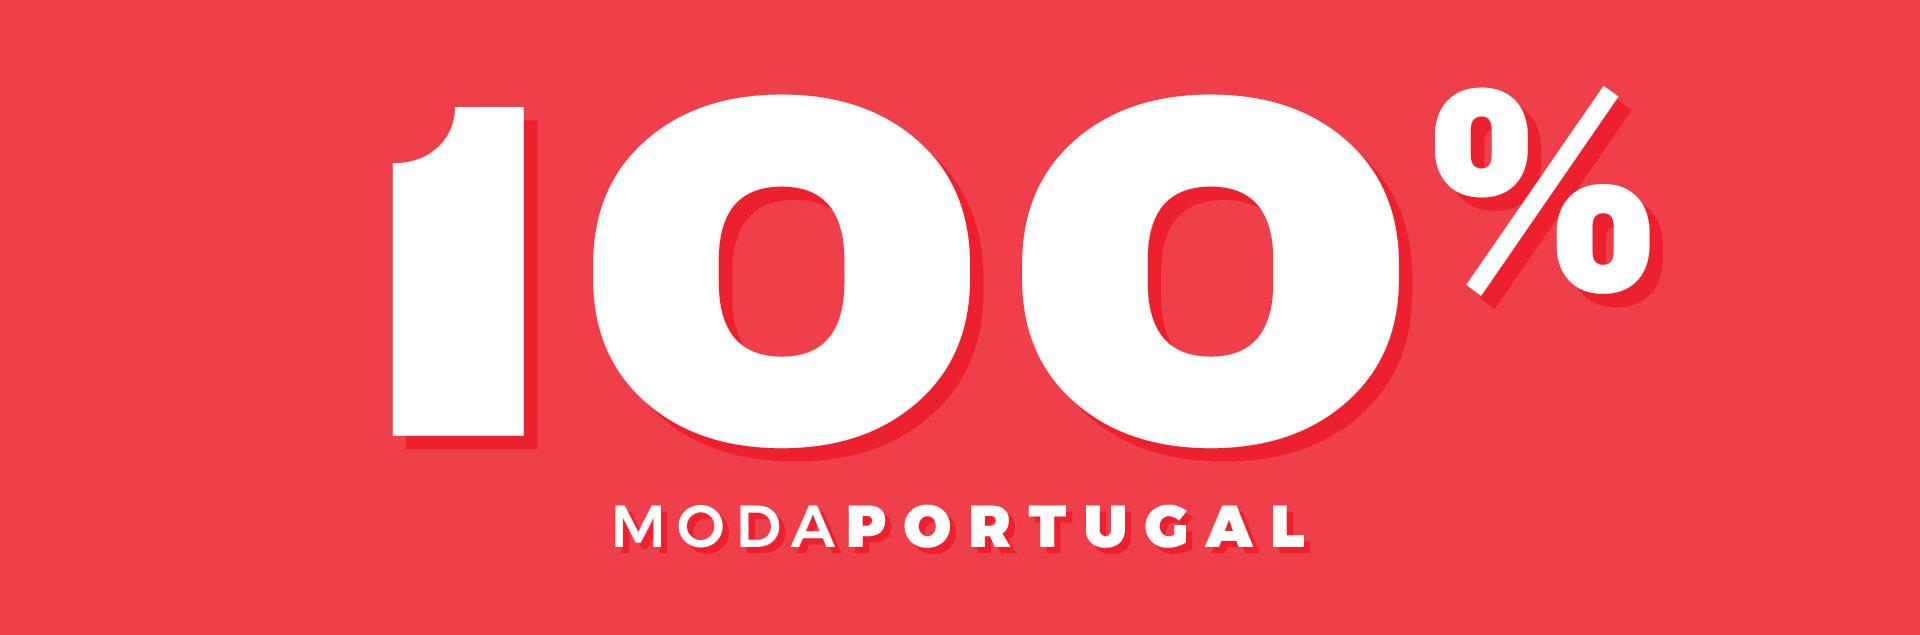 100% Moda Portugal